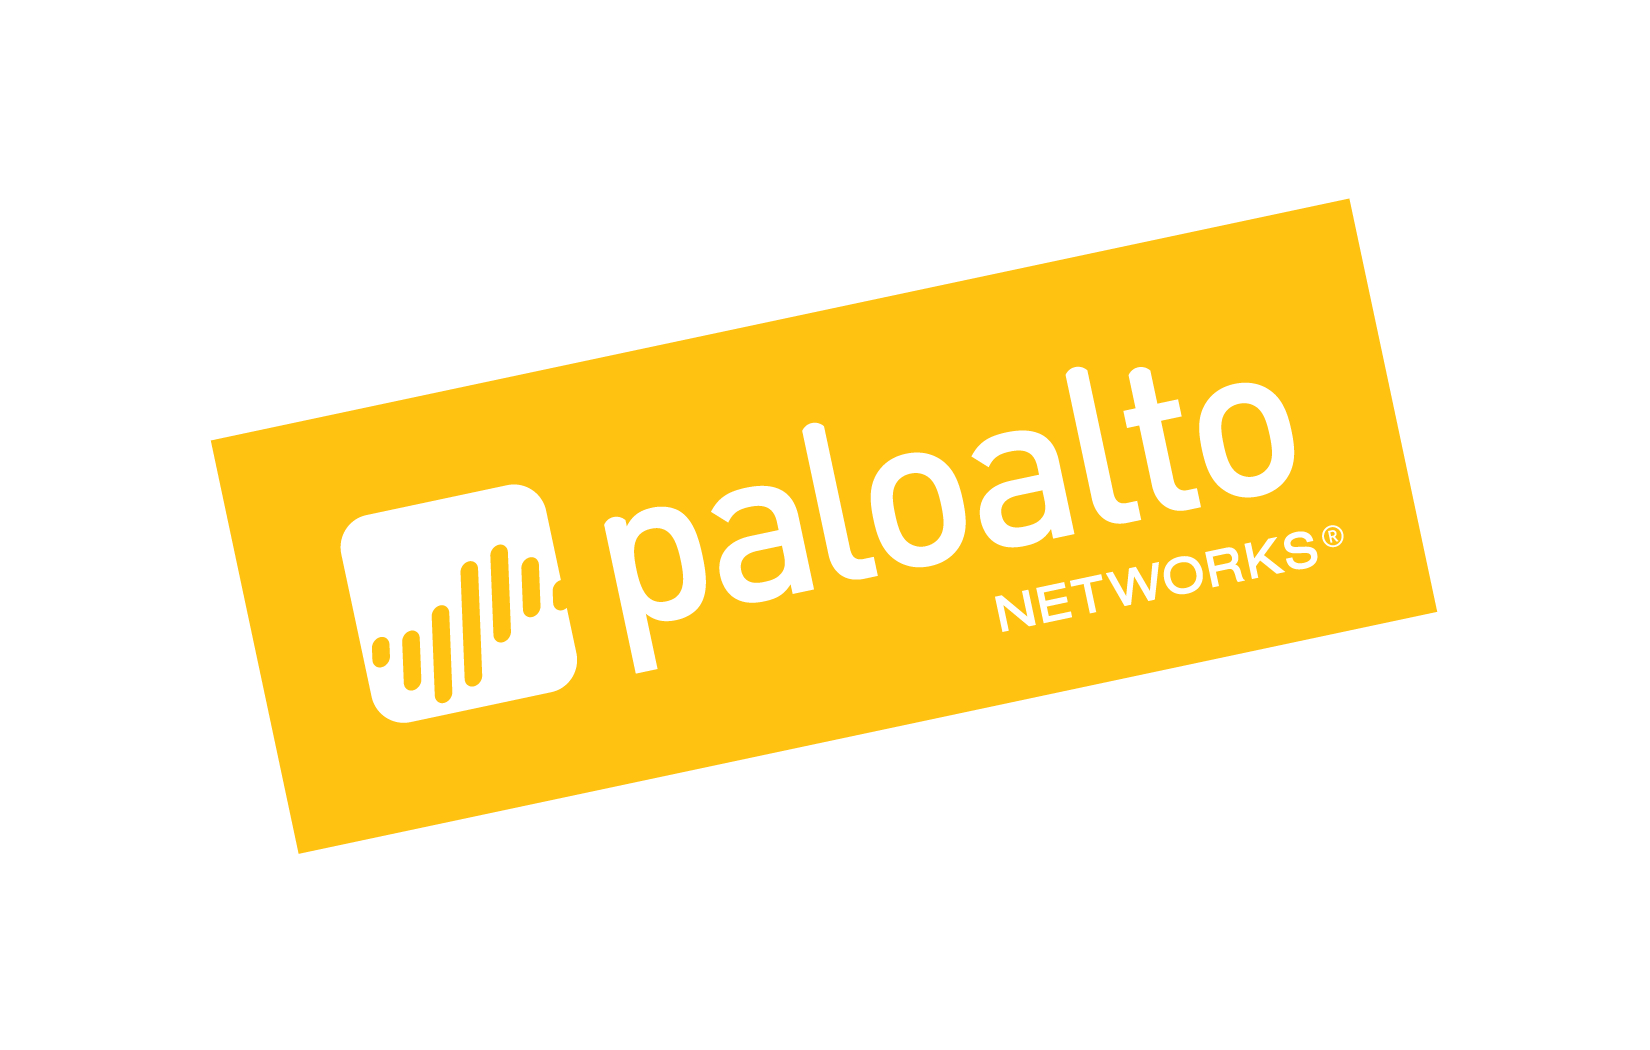 pan-logo-badge-orange-light-kick-up (1).jpg